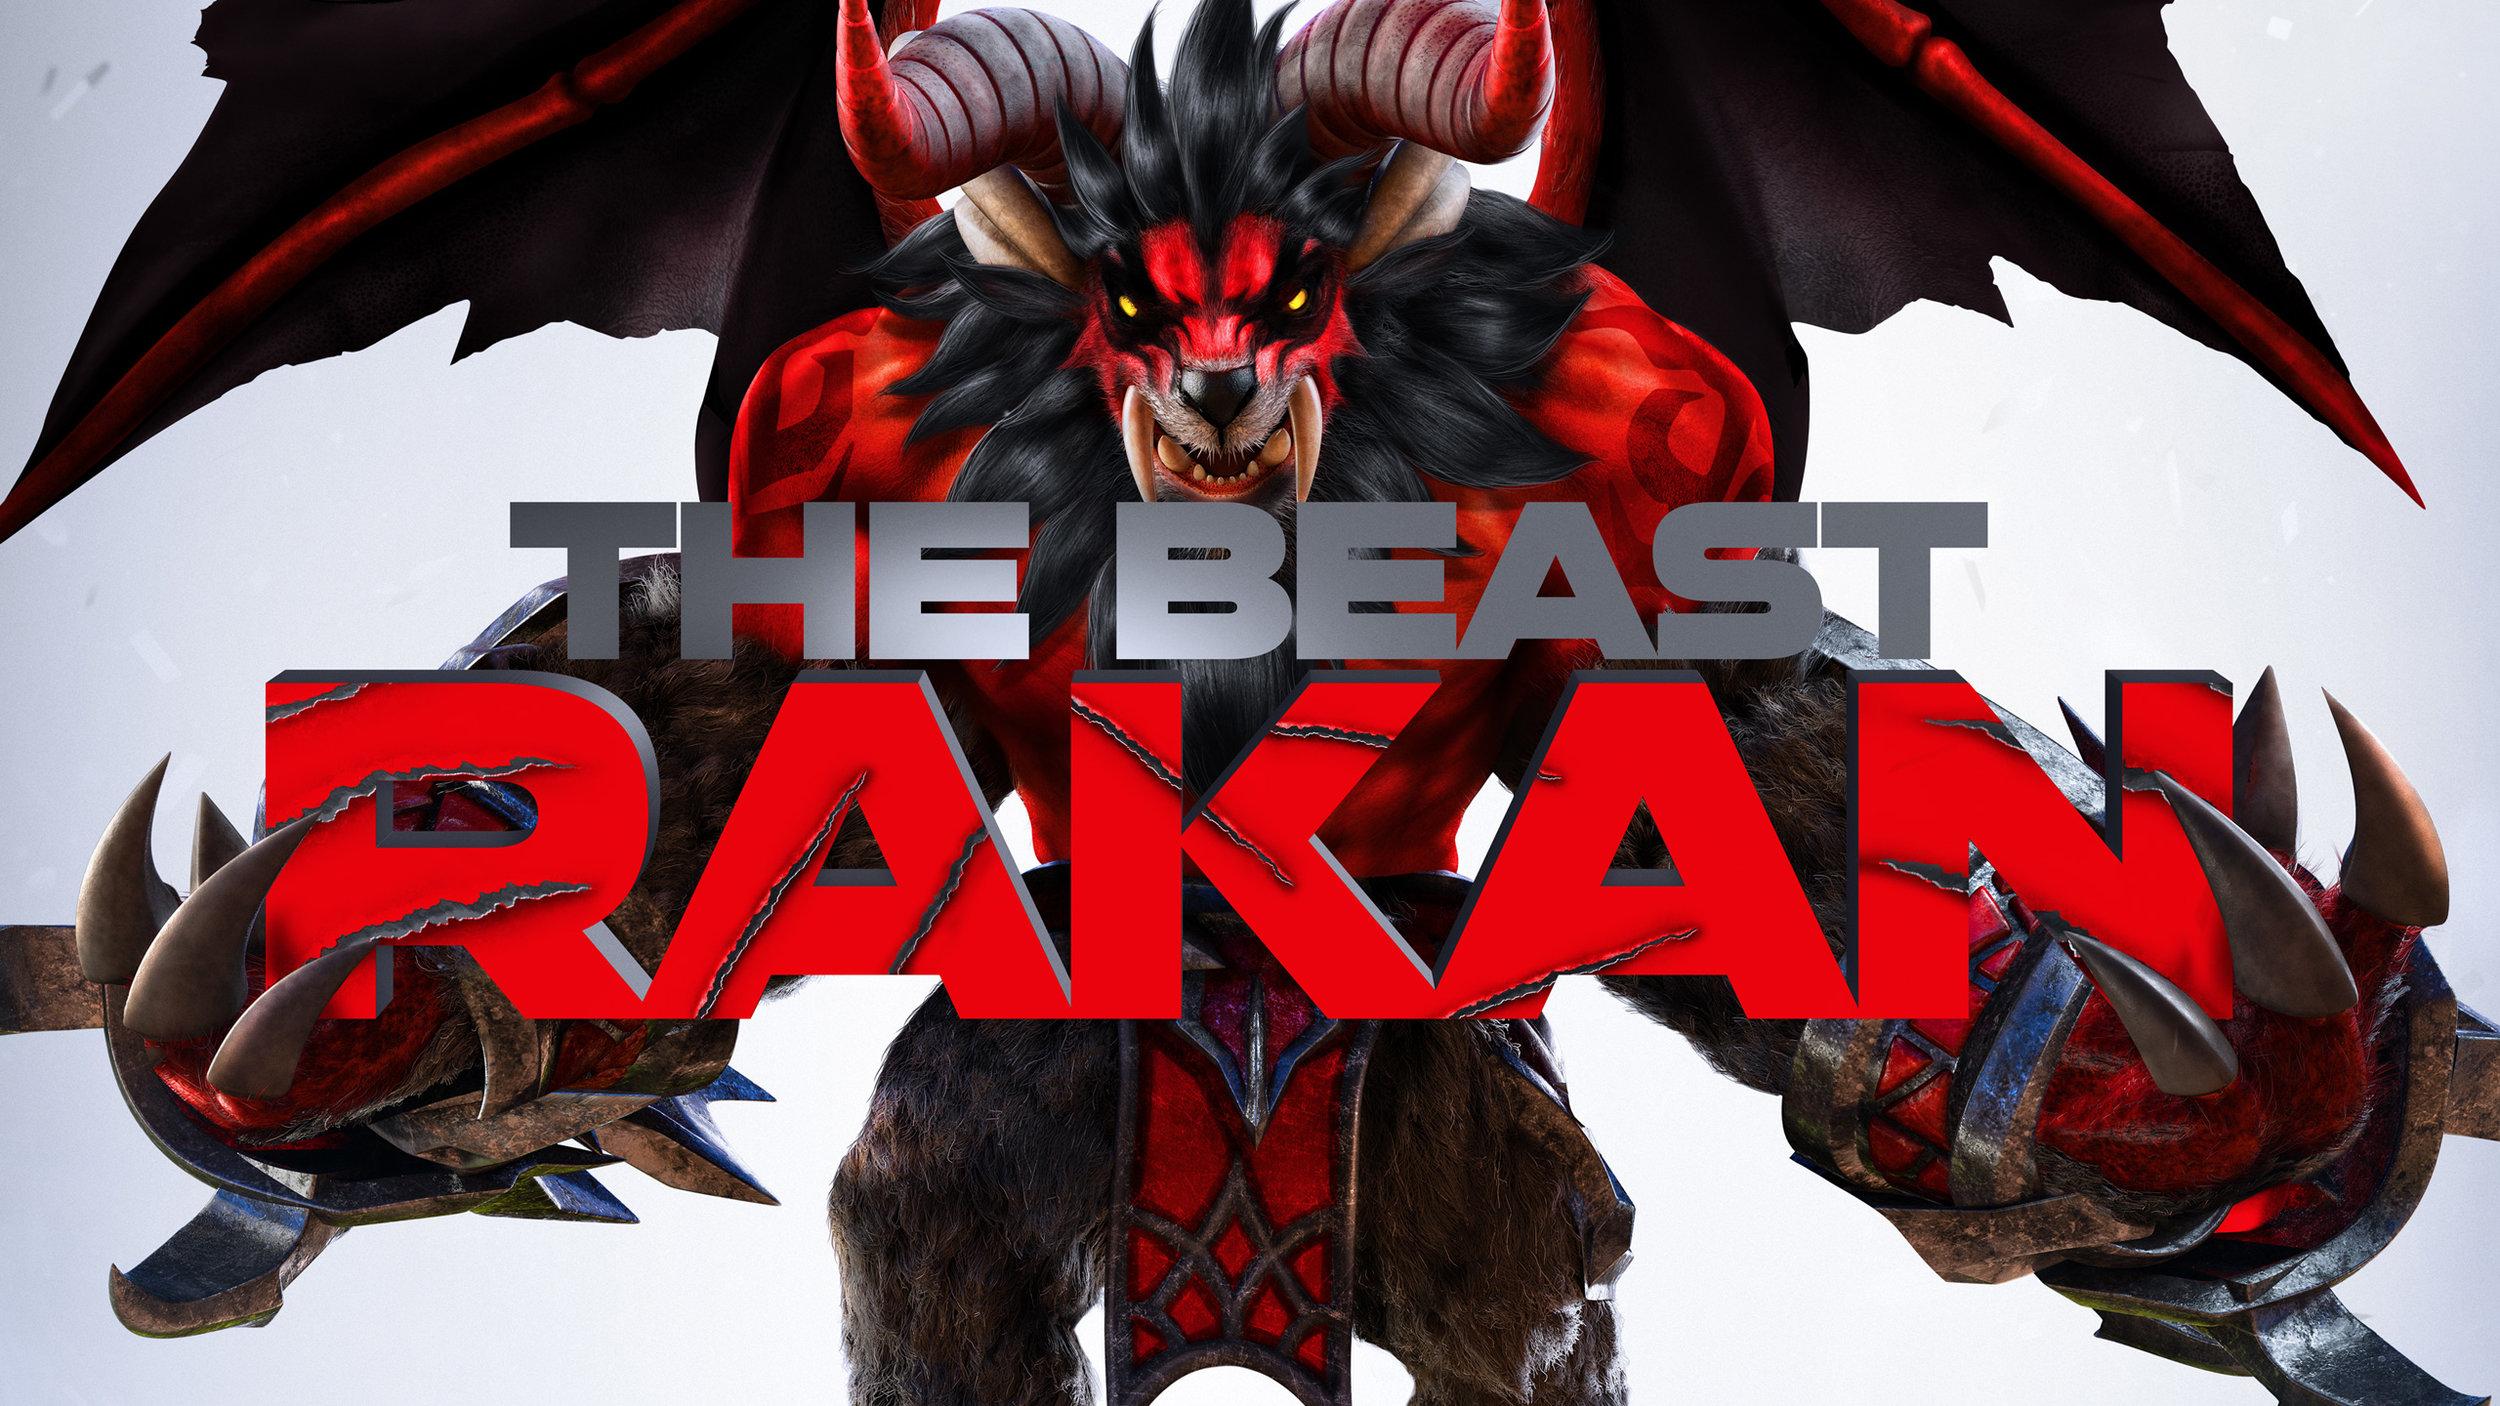 Meet Rakan